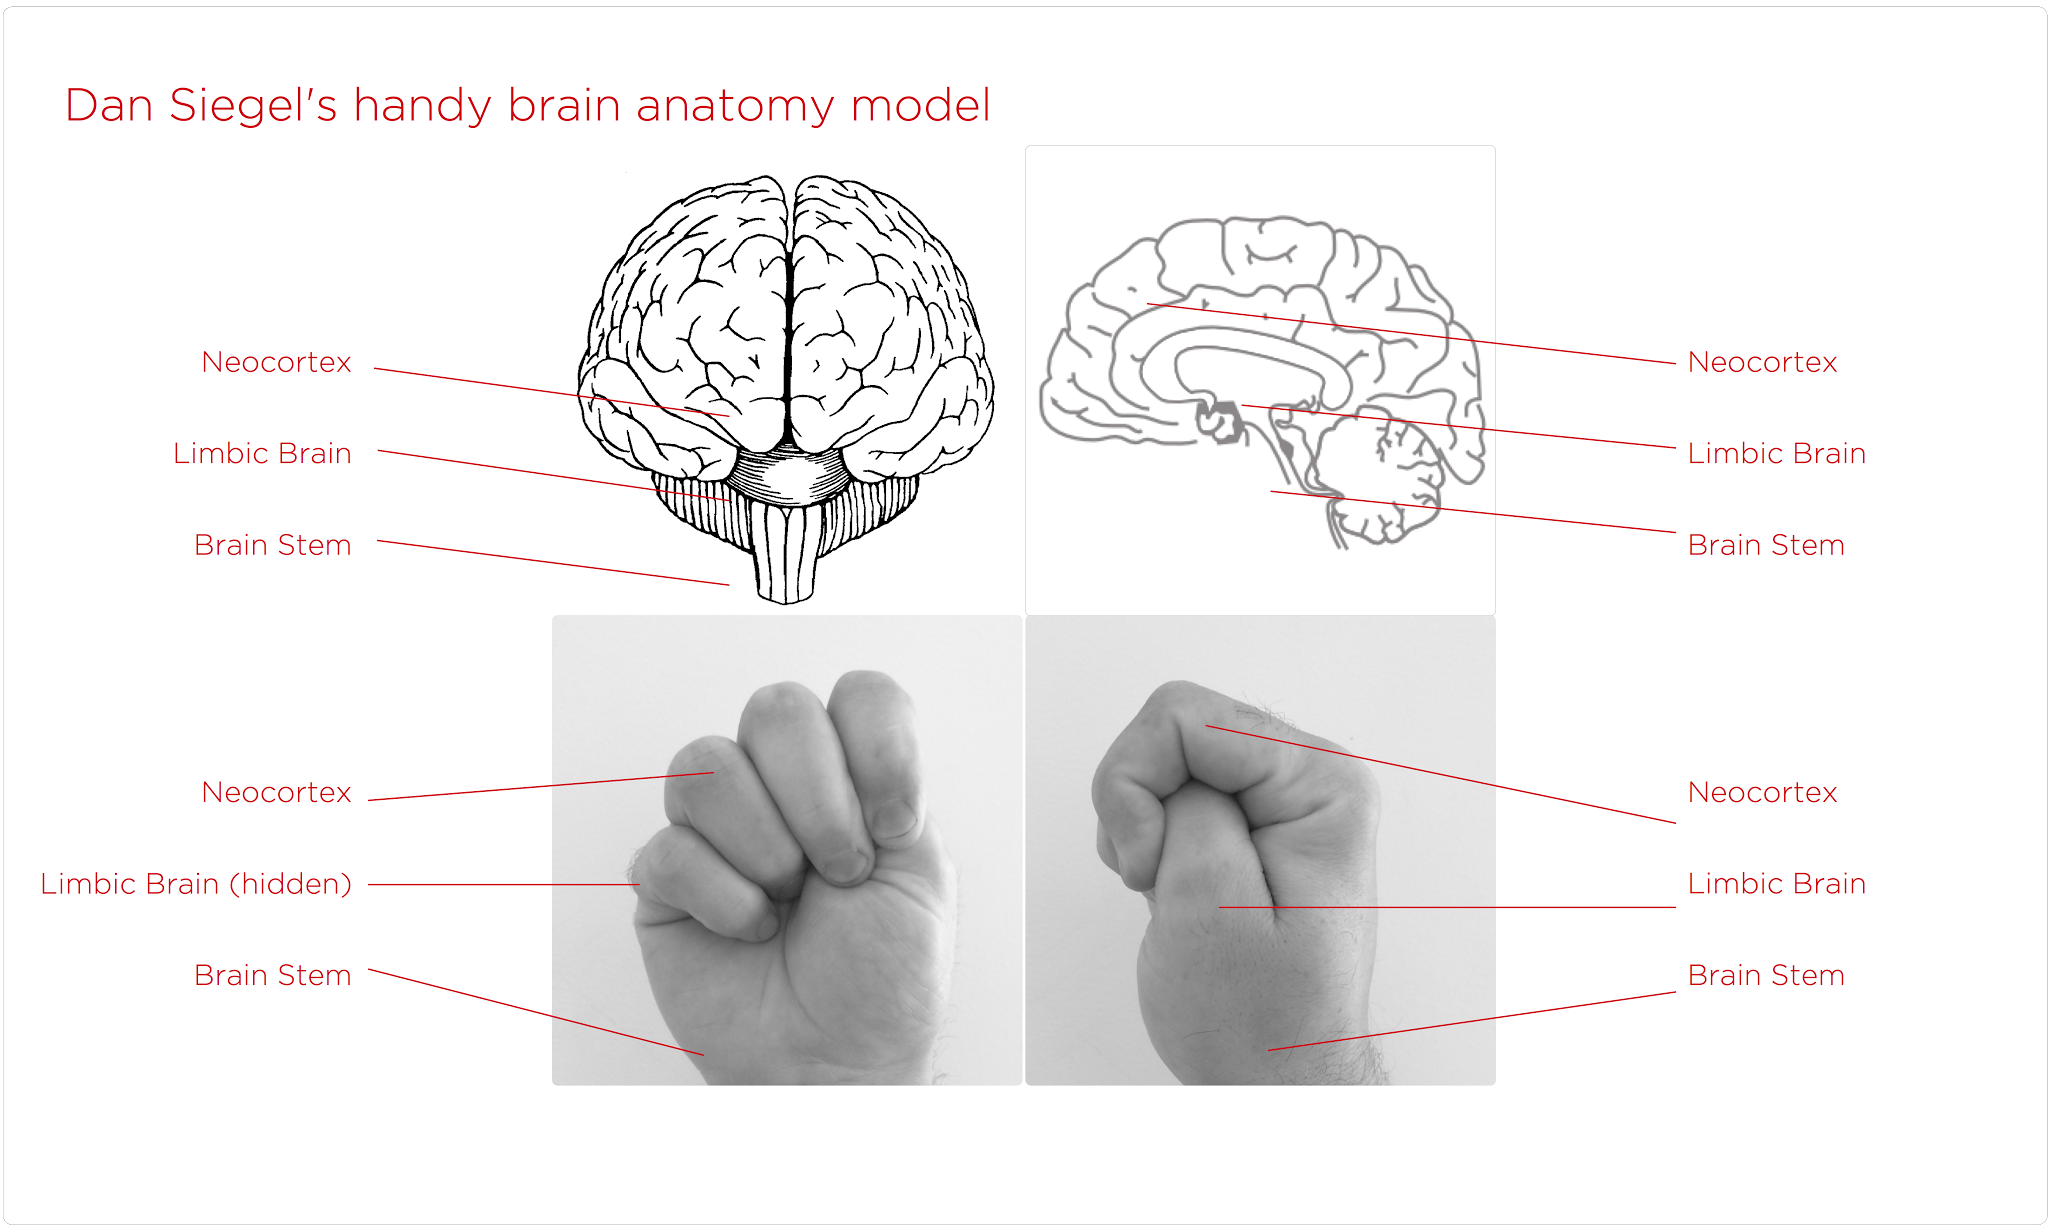 dan siegel brain model - Google Search | Neuroscience ...